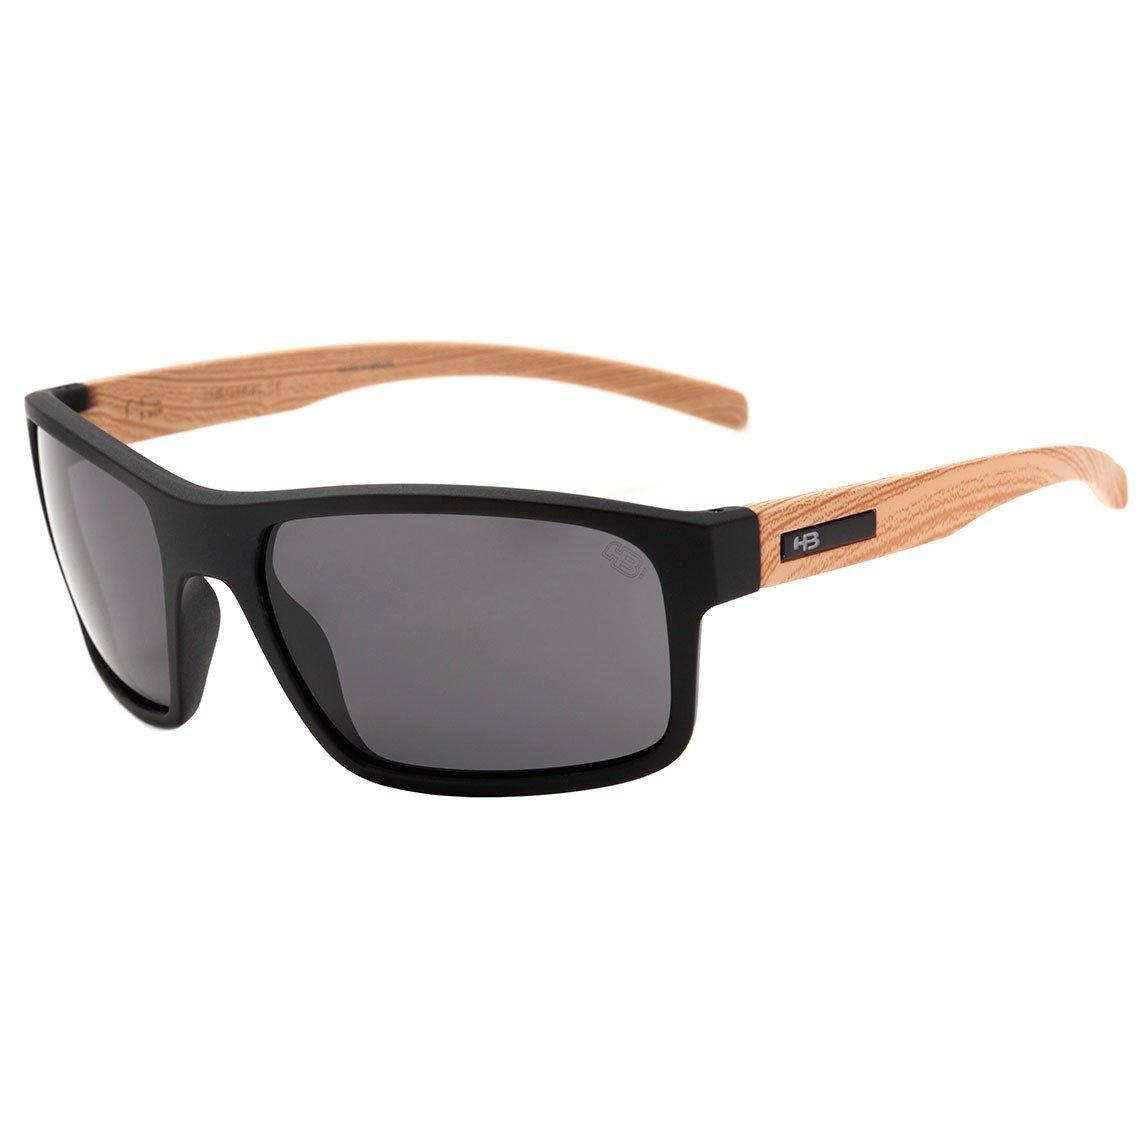 Óculos HB Overkill - Preto - Compre Agora   Zattini 53099ffb0f